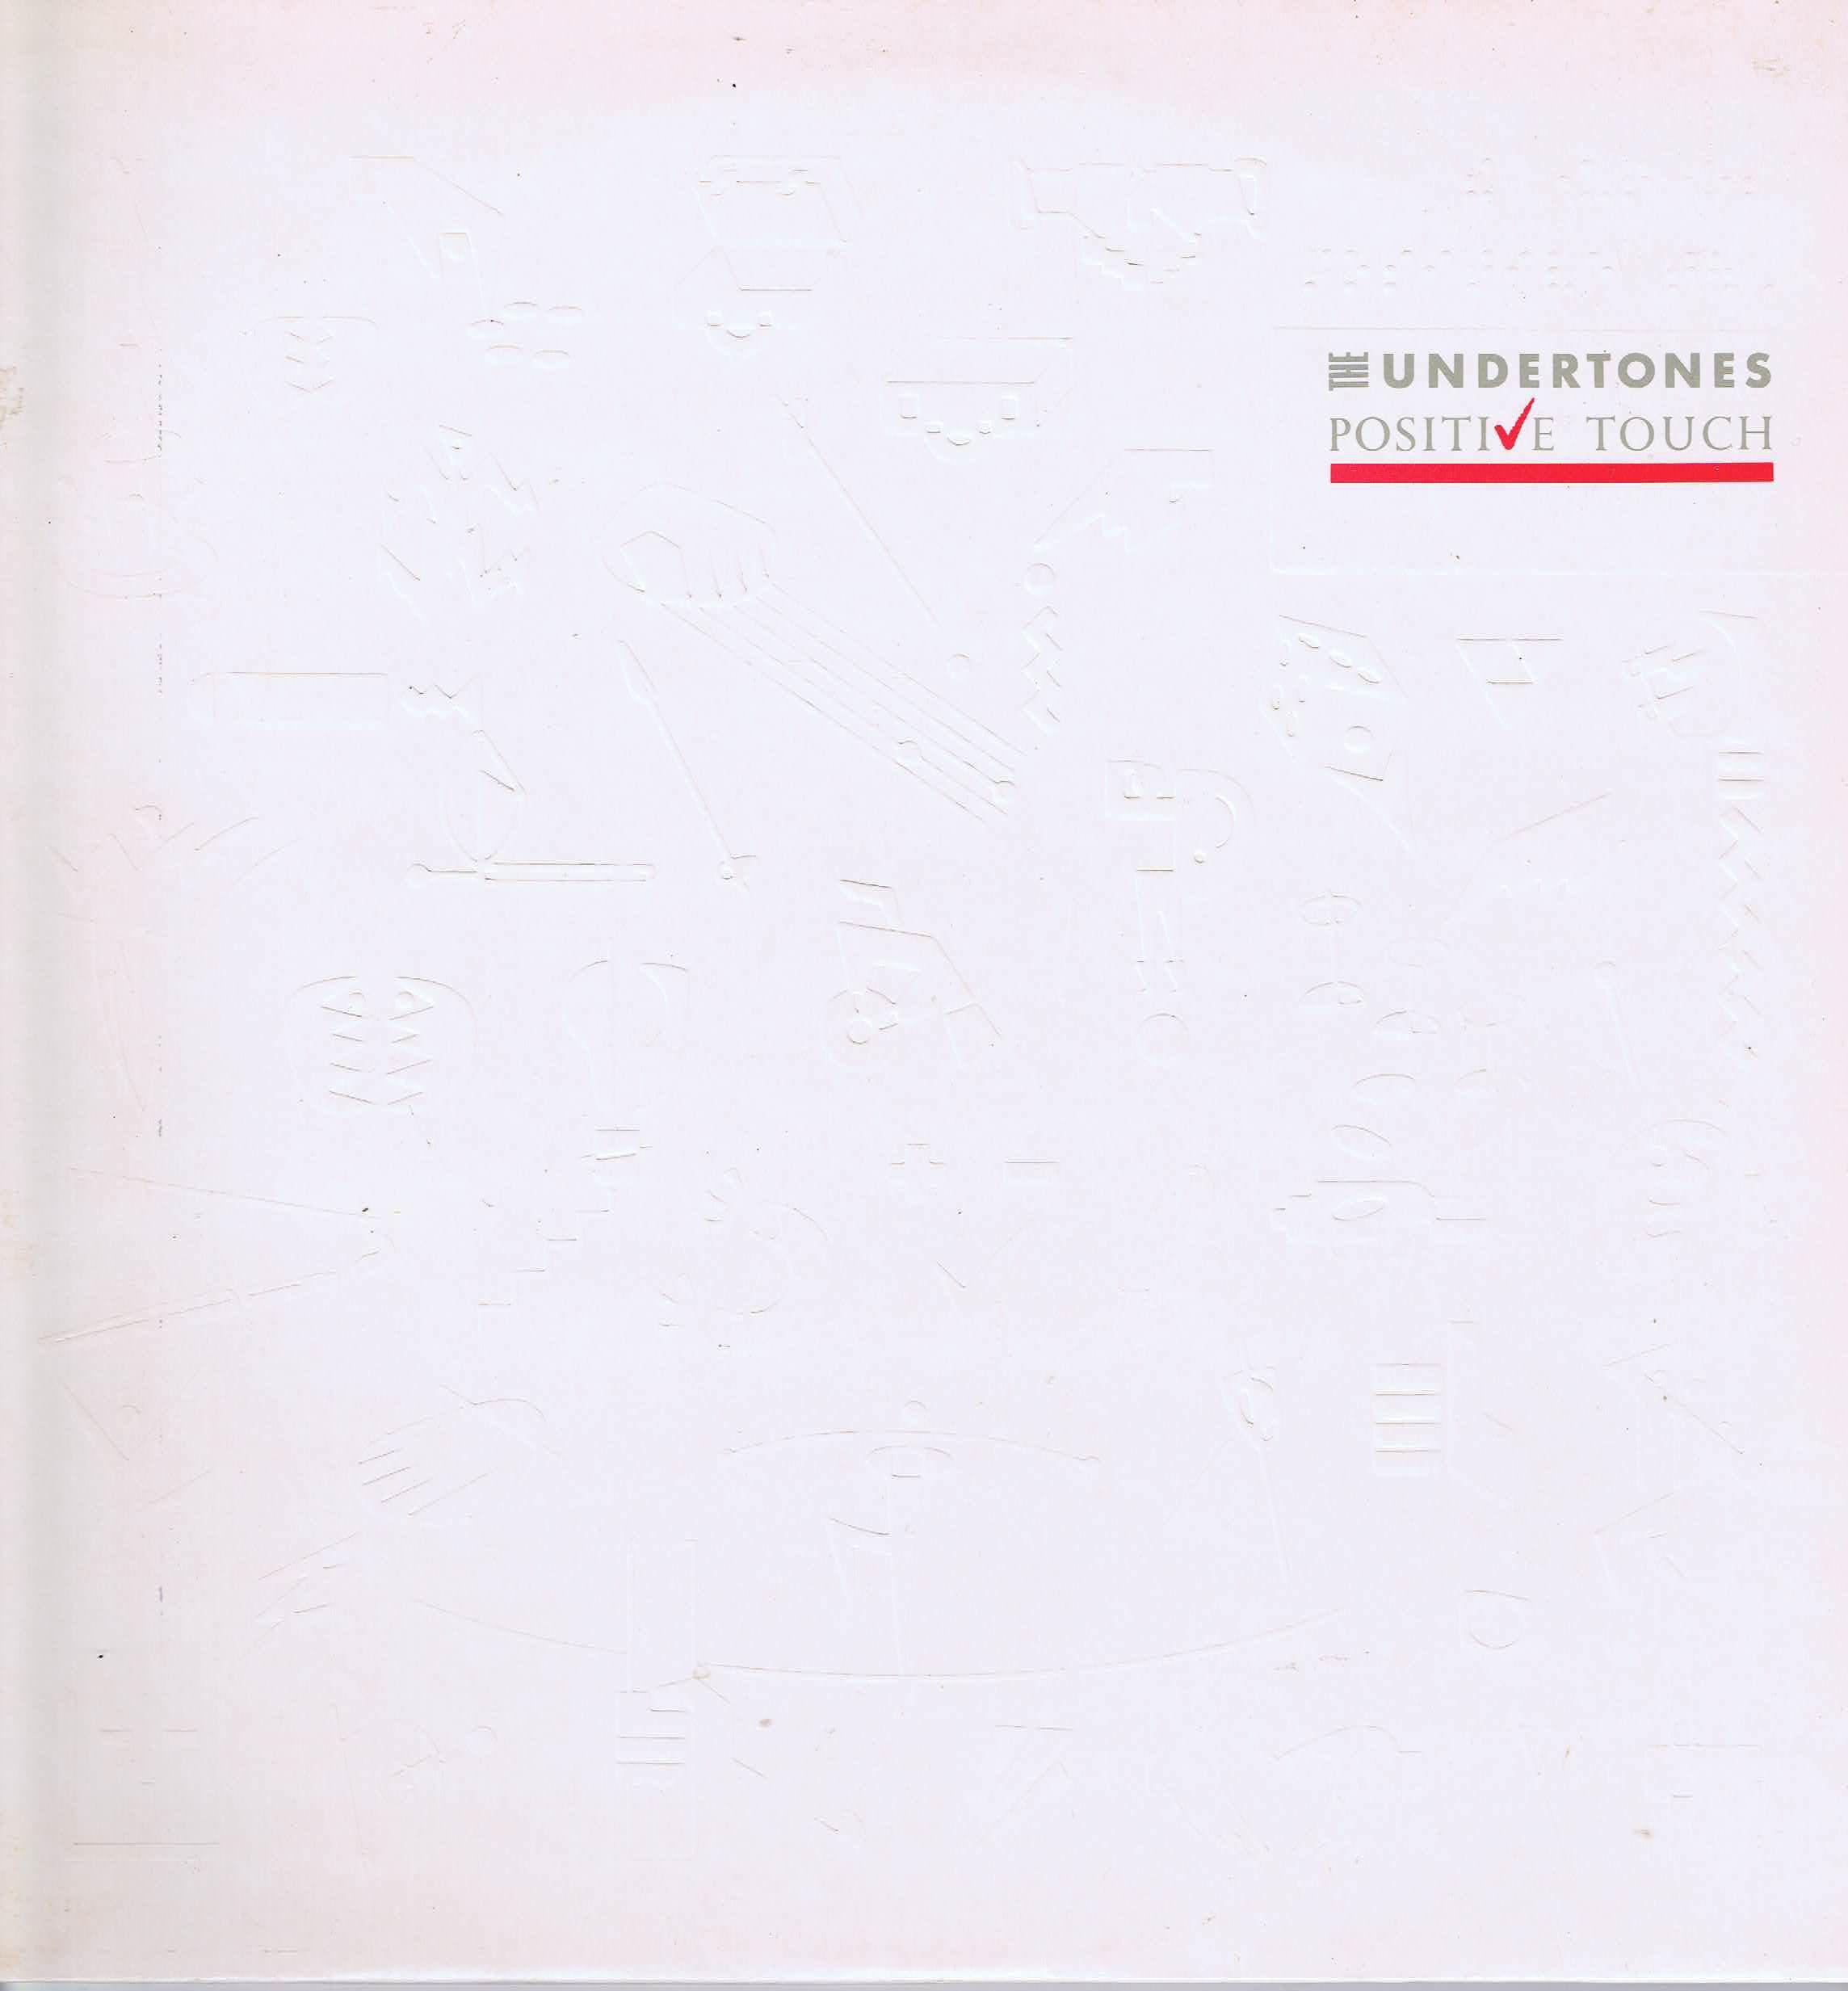 The Undertones Positive Touch Ard 103 Lp Vinyl